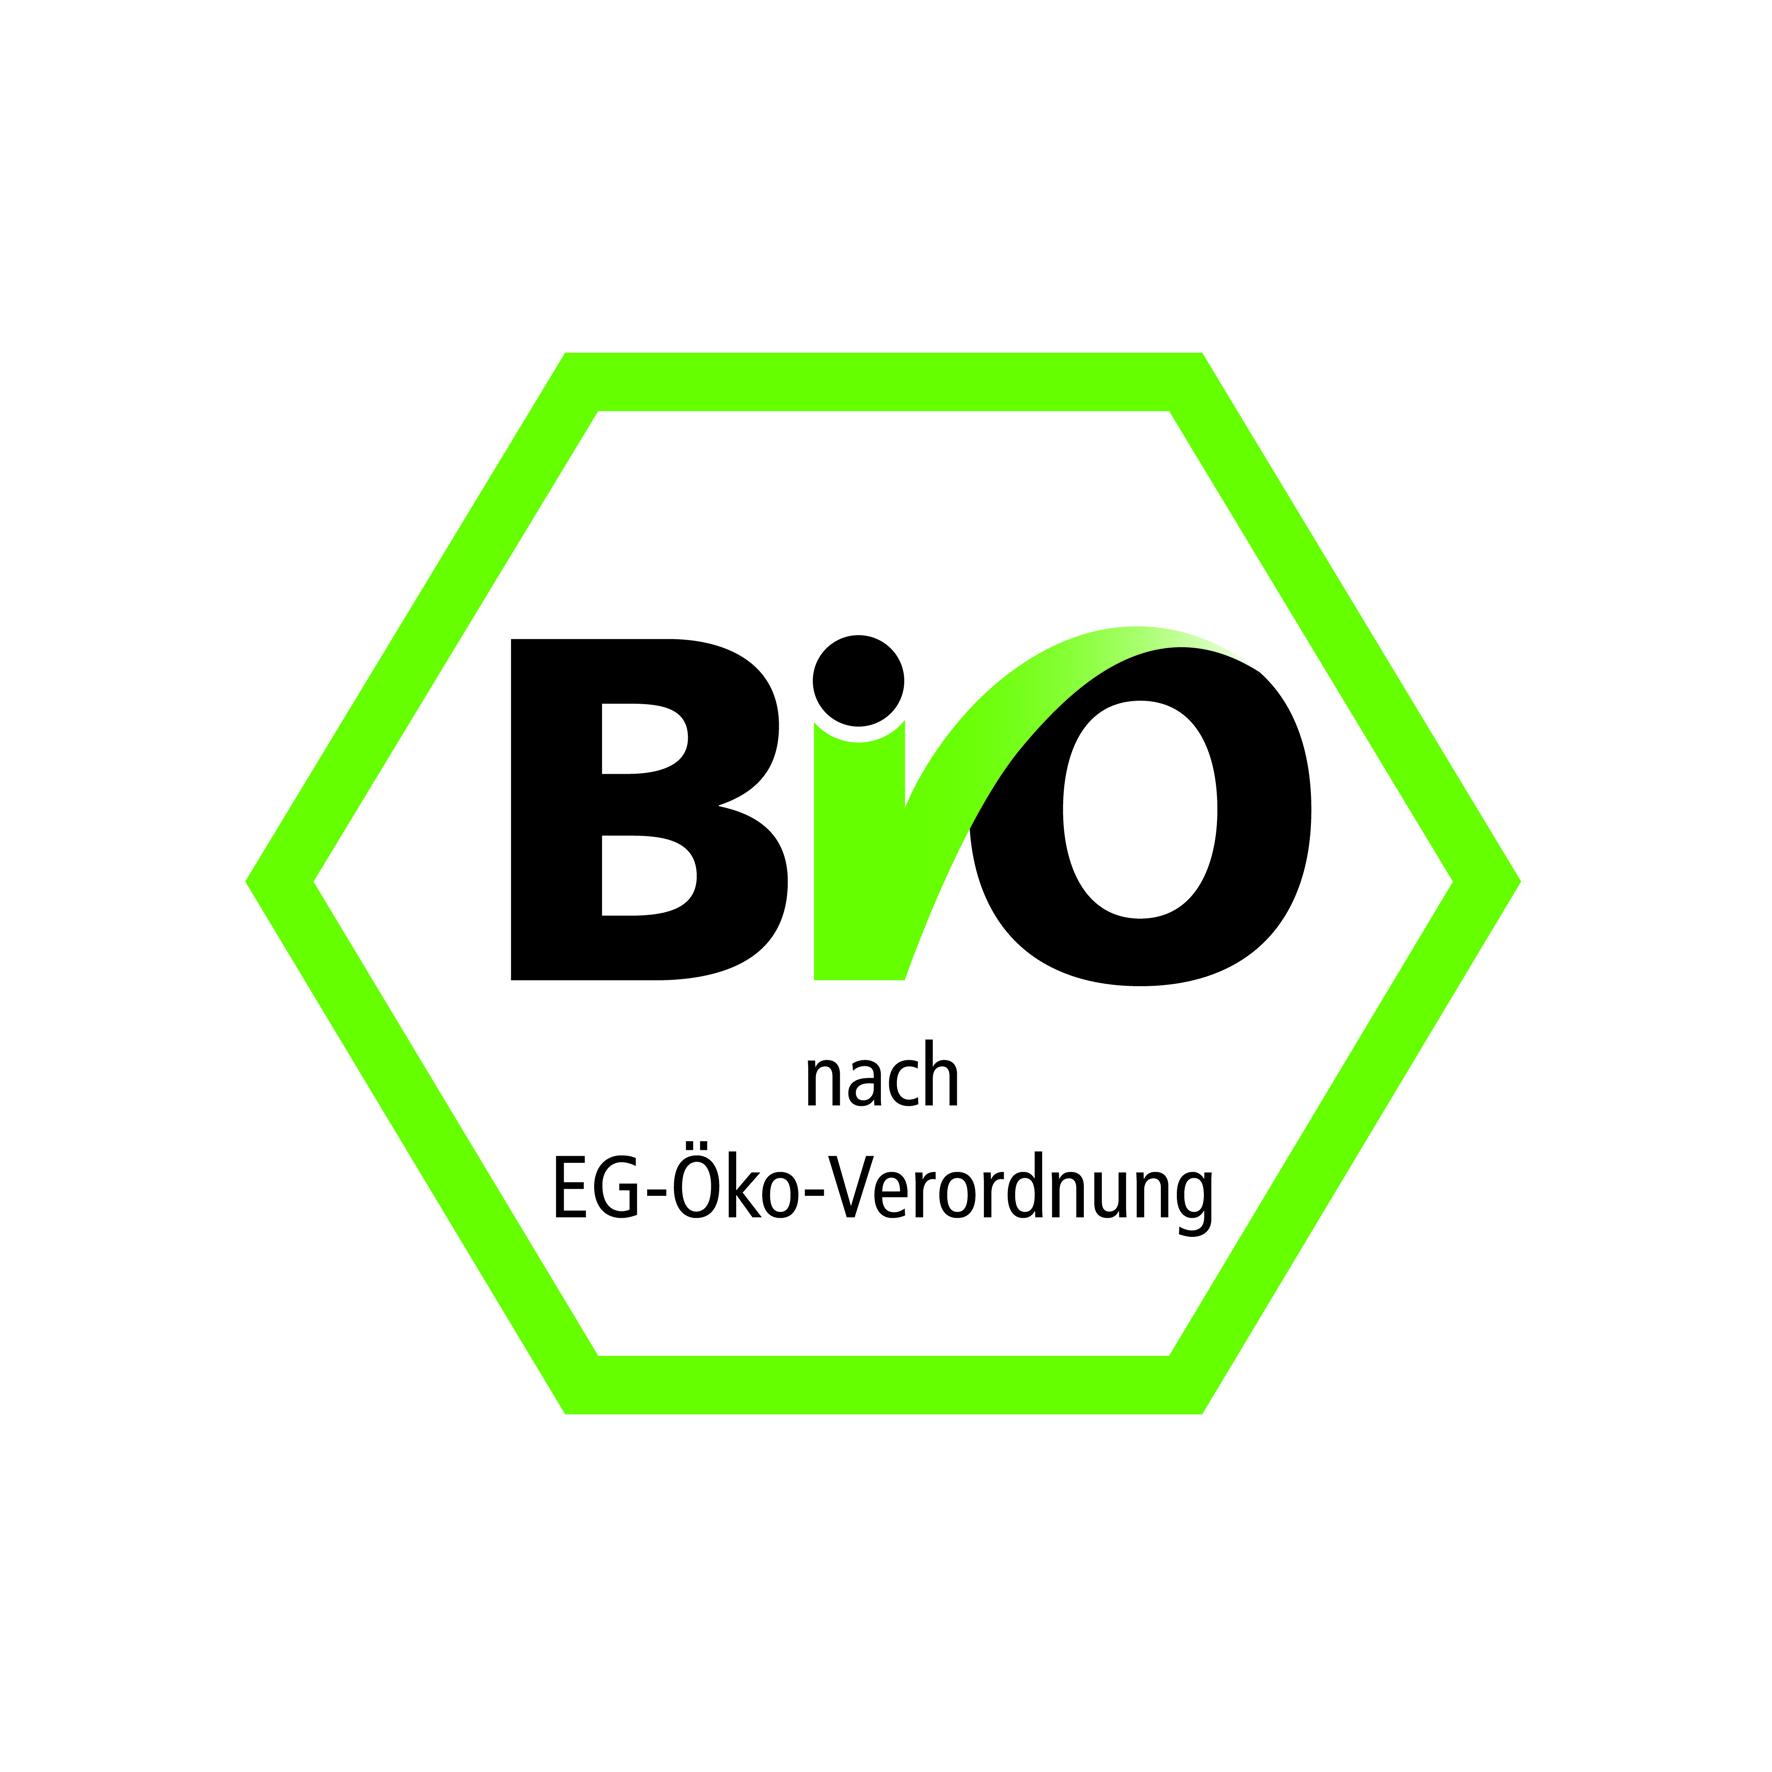 http://www.oekolandbau.de/fileadmin/redaktion/Bildarchiv/Bio-Siegel/user_upload/Bilder/Logo-Download_Neu/vierfarbdruck_mit_verlauf/4c_verlauf_300dpi.jpg